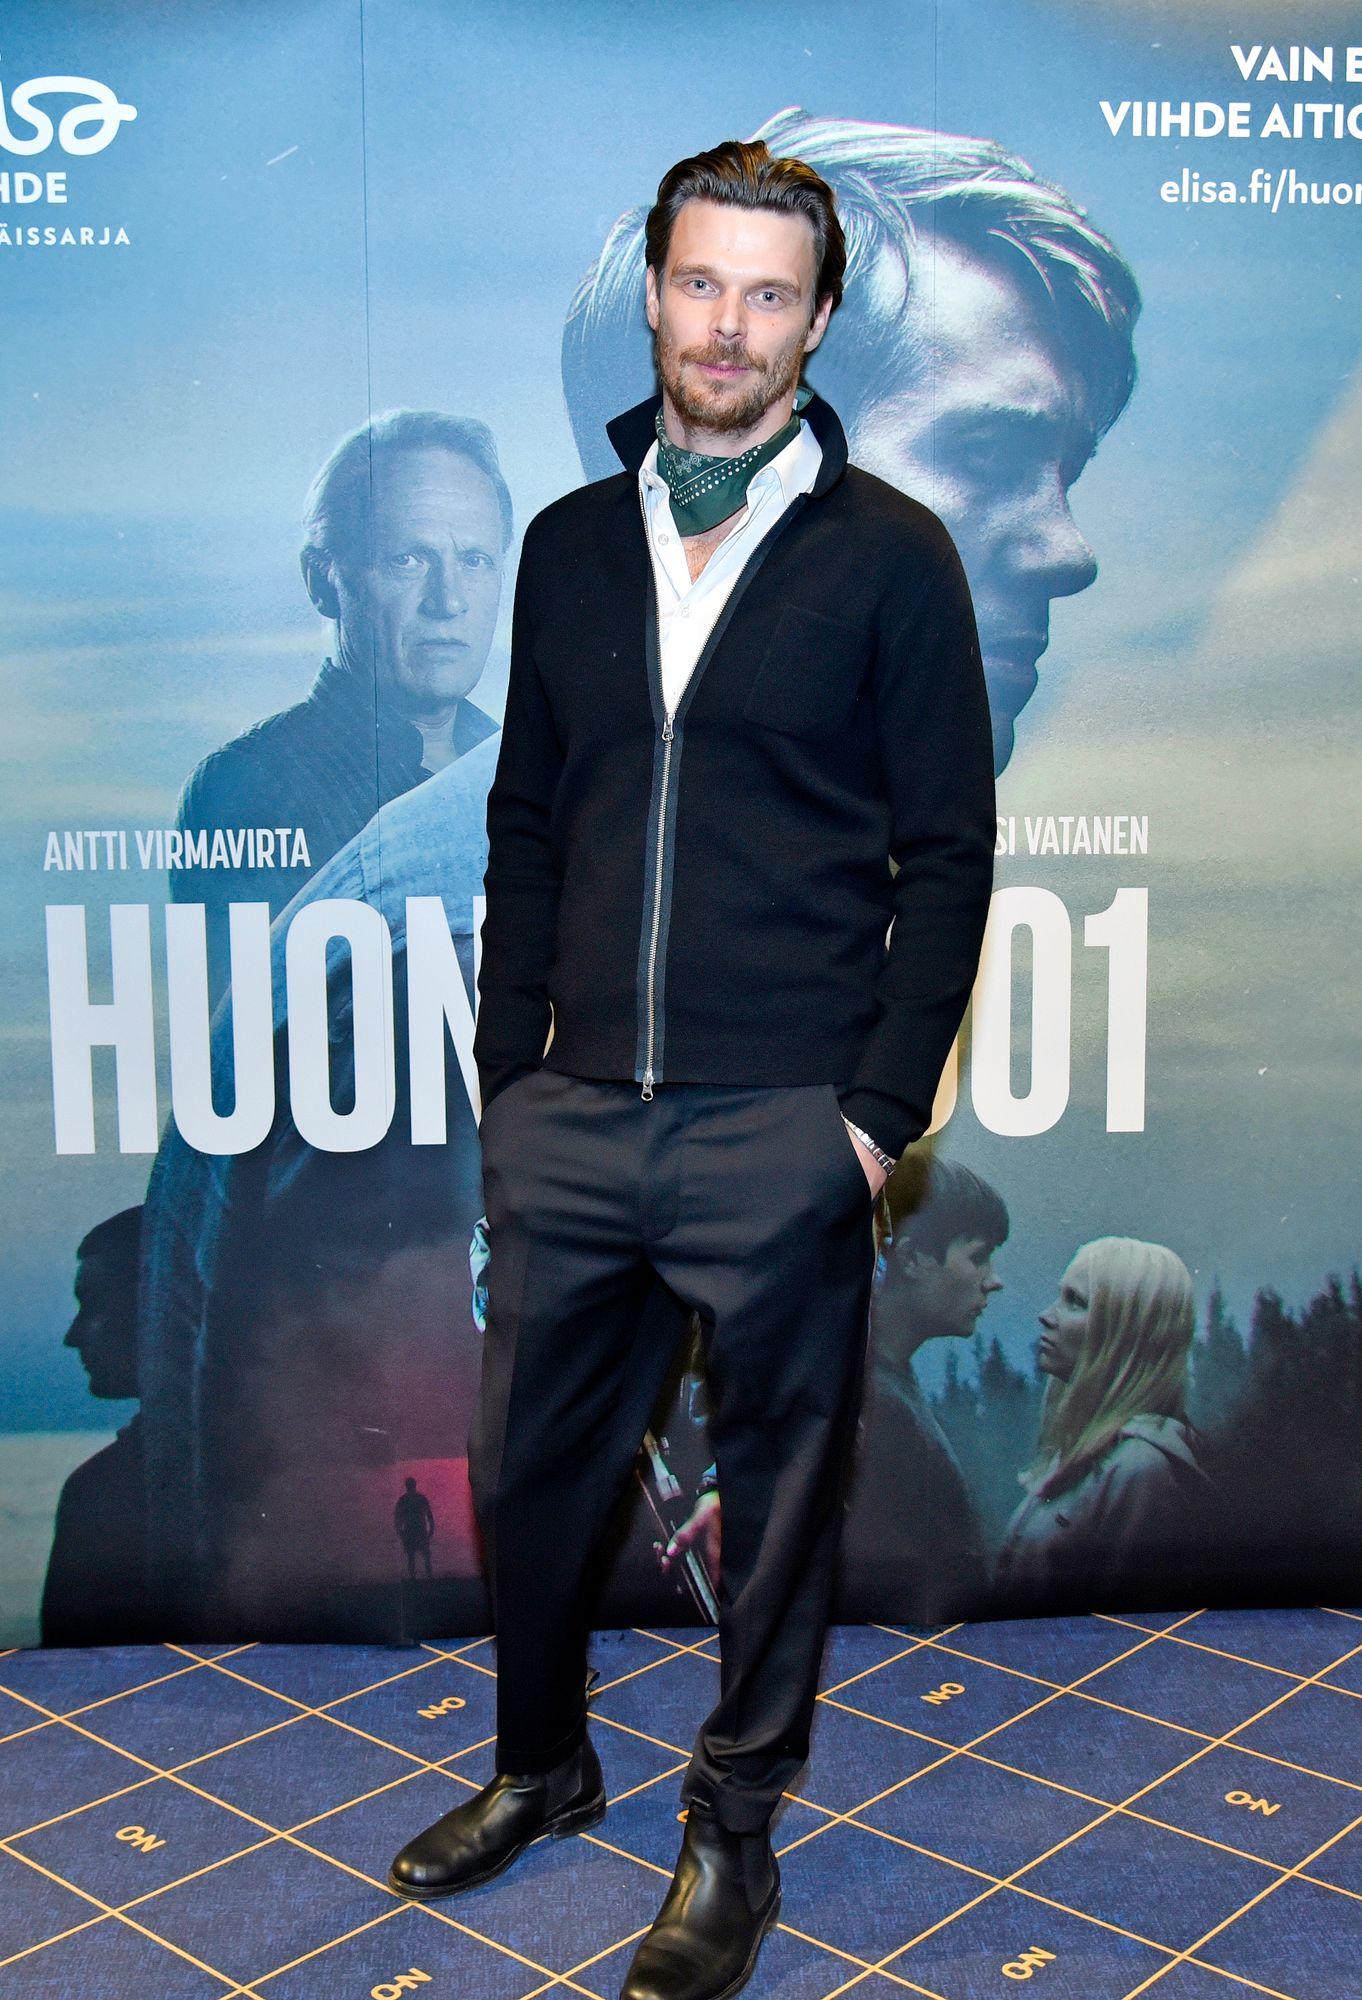 """Näyttelijä Andrei Alén on yrittänyt nähdä korona-ajassa myös positiivista. """"Uskon, että tästä jää uusia kivoja ja tehokkaita rutiineja tehdä asioita. En ole oppinut varmaan koskaan elämäni aikana niin paljon kuin nyt."""" © Otavamedian arkisto"""